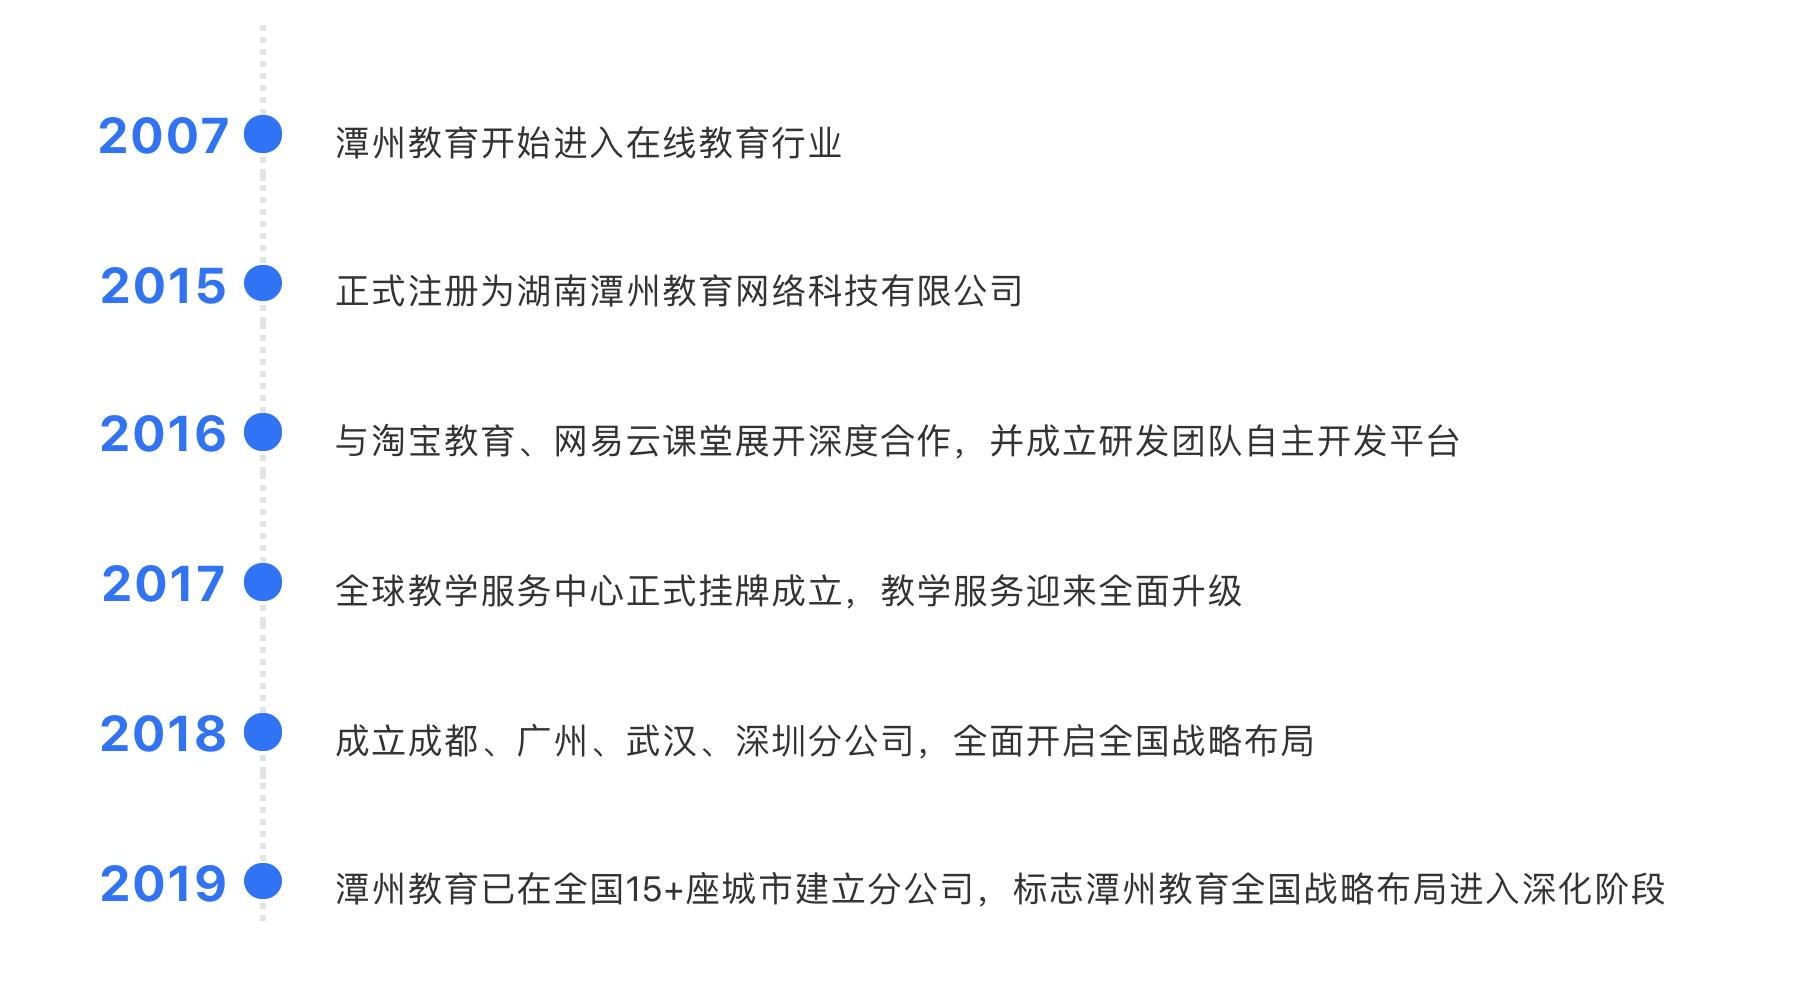 潭州教育发展史